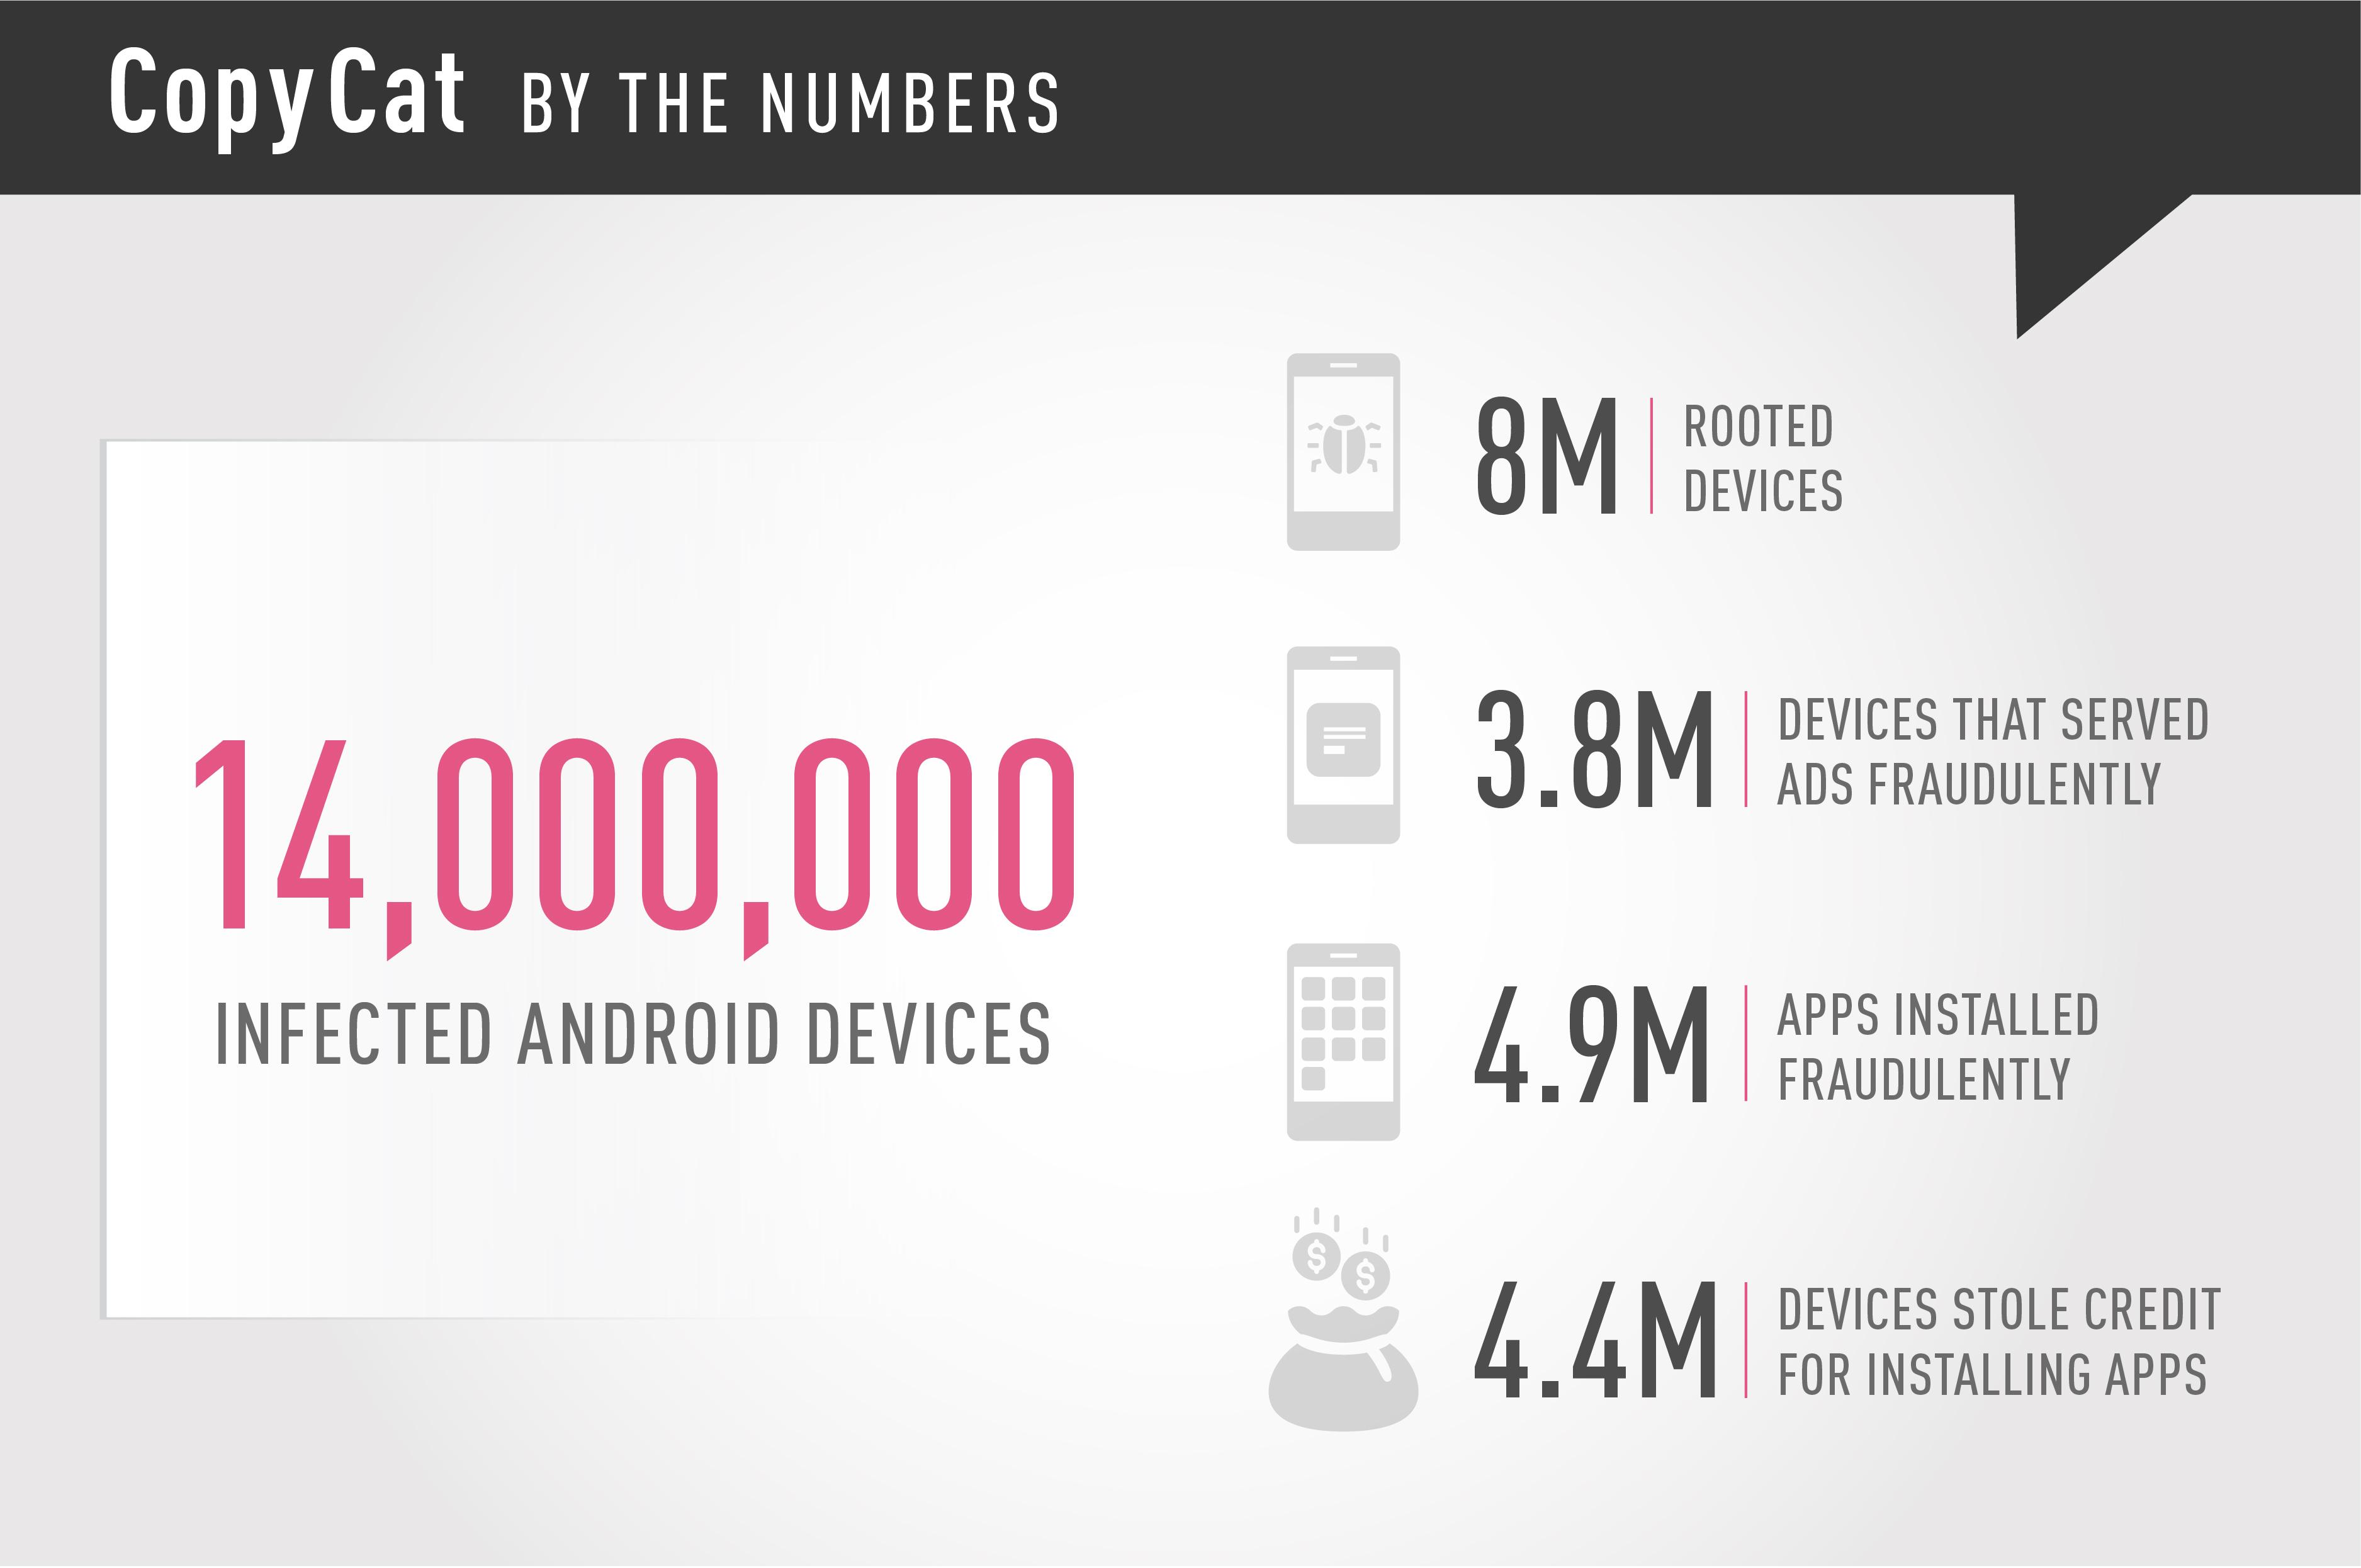 Mã độc CopyCat lây nhiễm hơn 14 triệu thiết bị Android